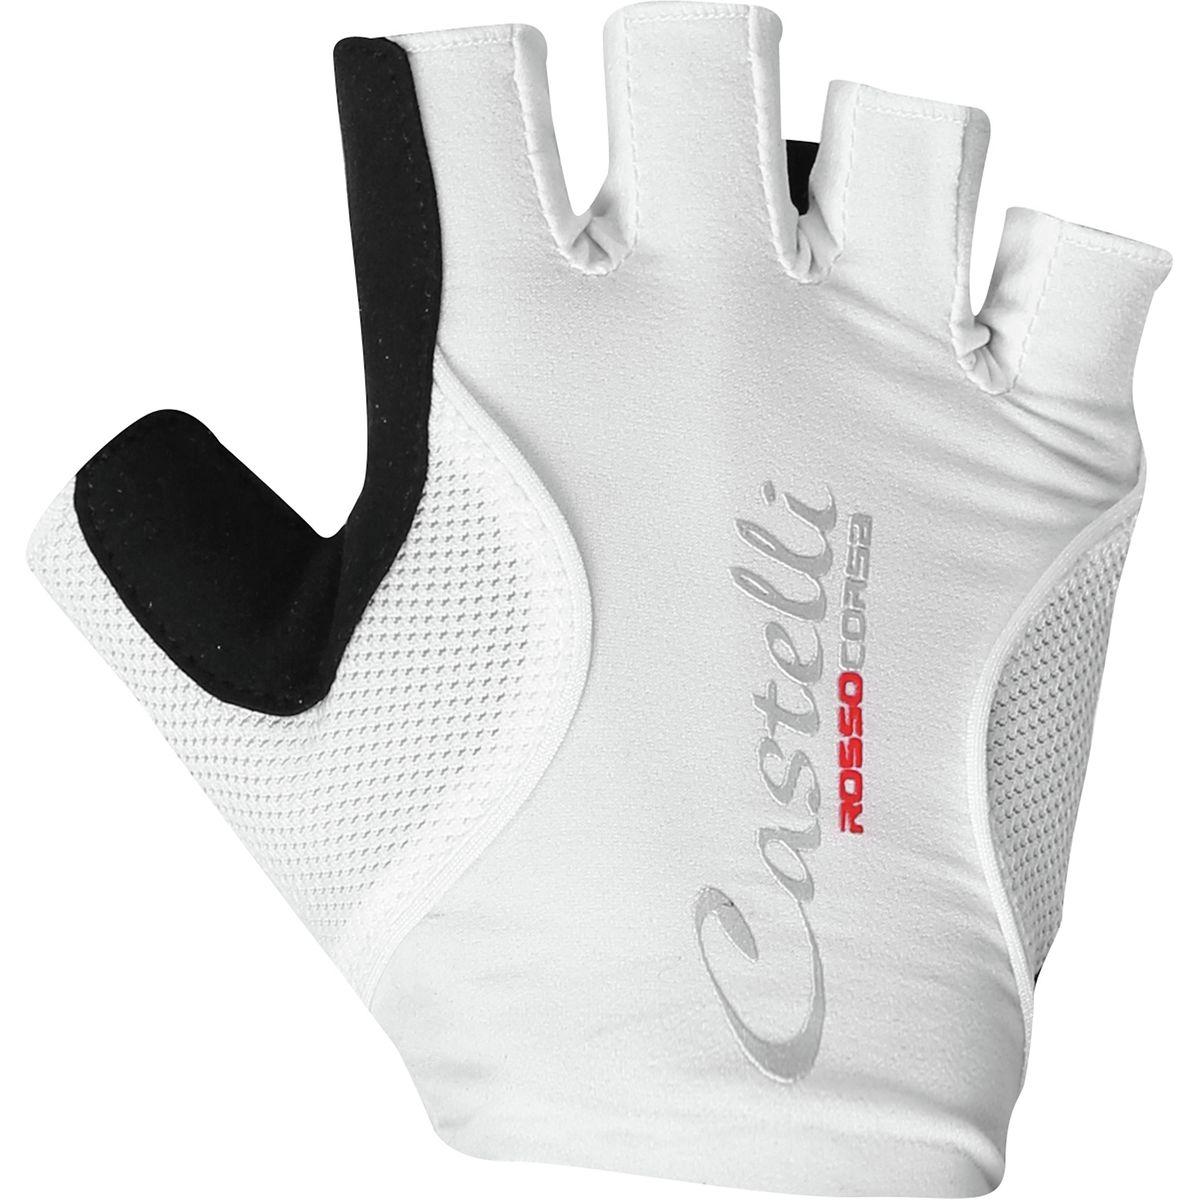 Castelli-Rosso-Corsa-Pave-Glove-Women-039-s miniature 33